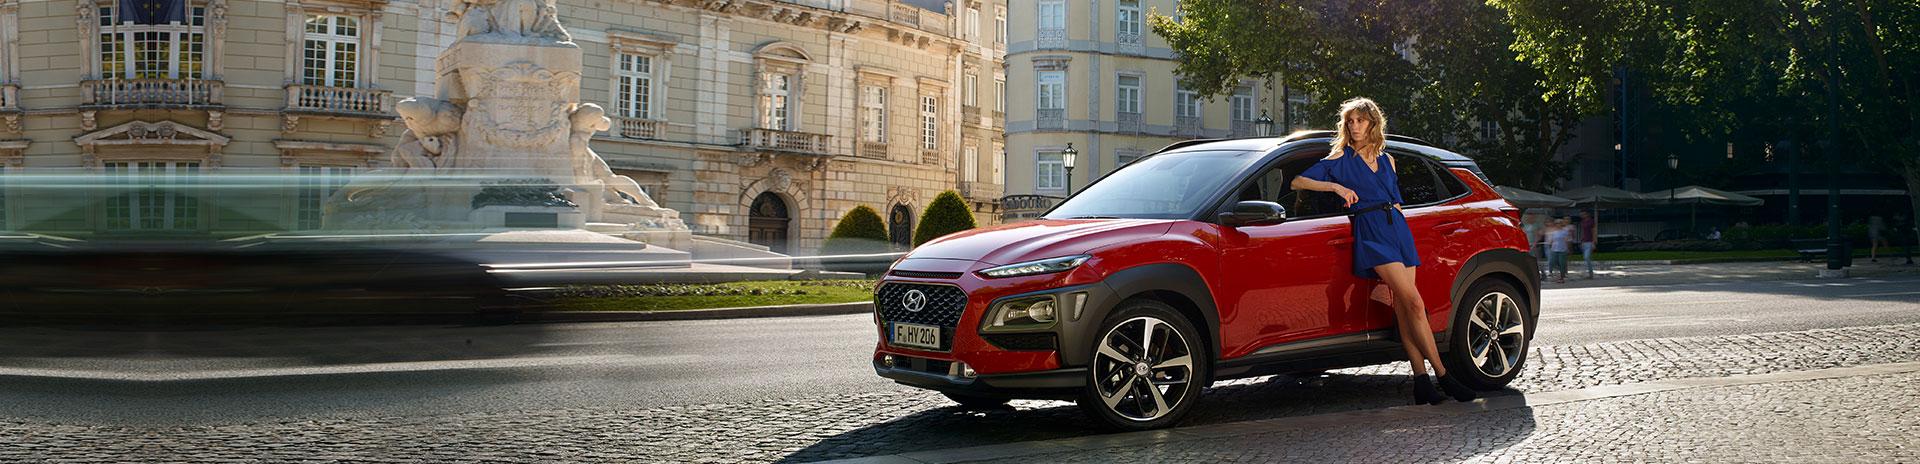 Unica e sicura di sé, nuova Hyundai KONA